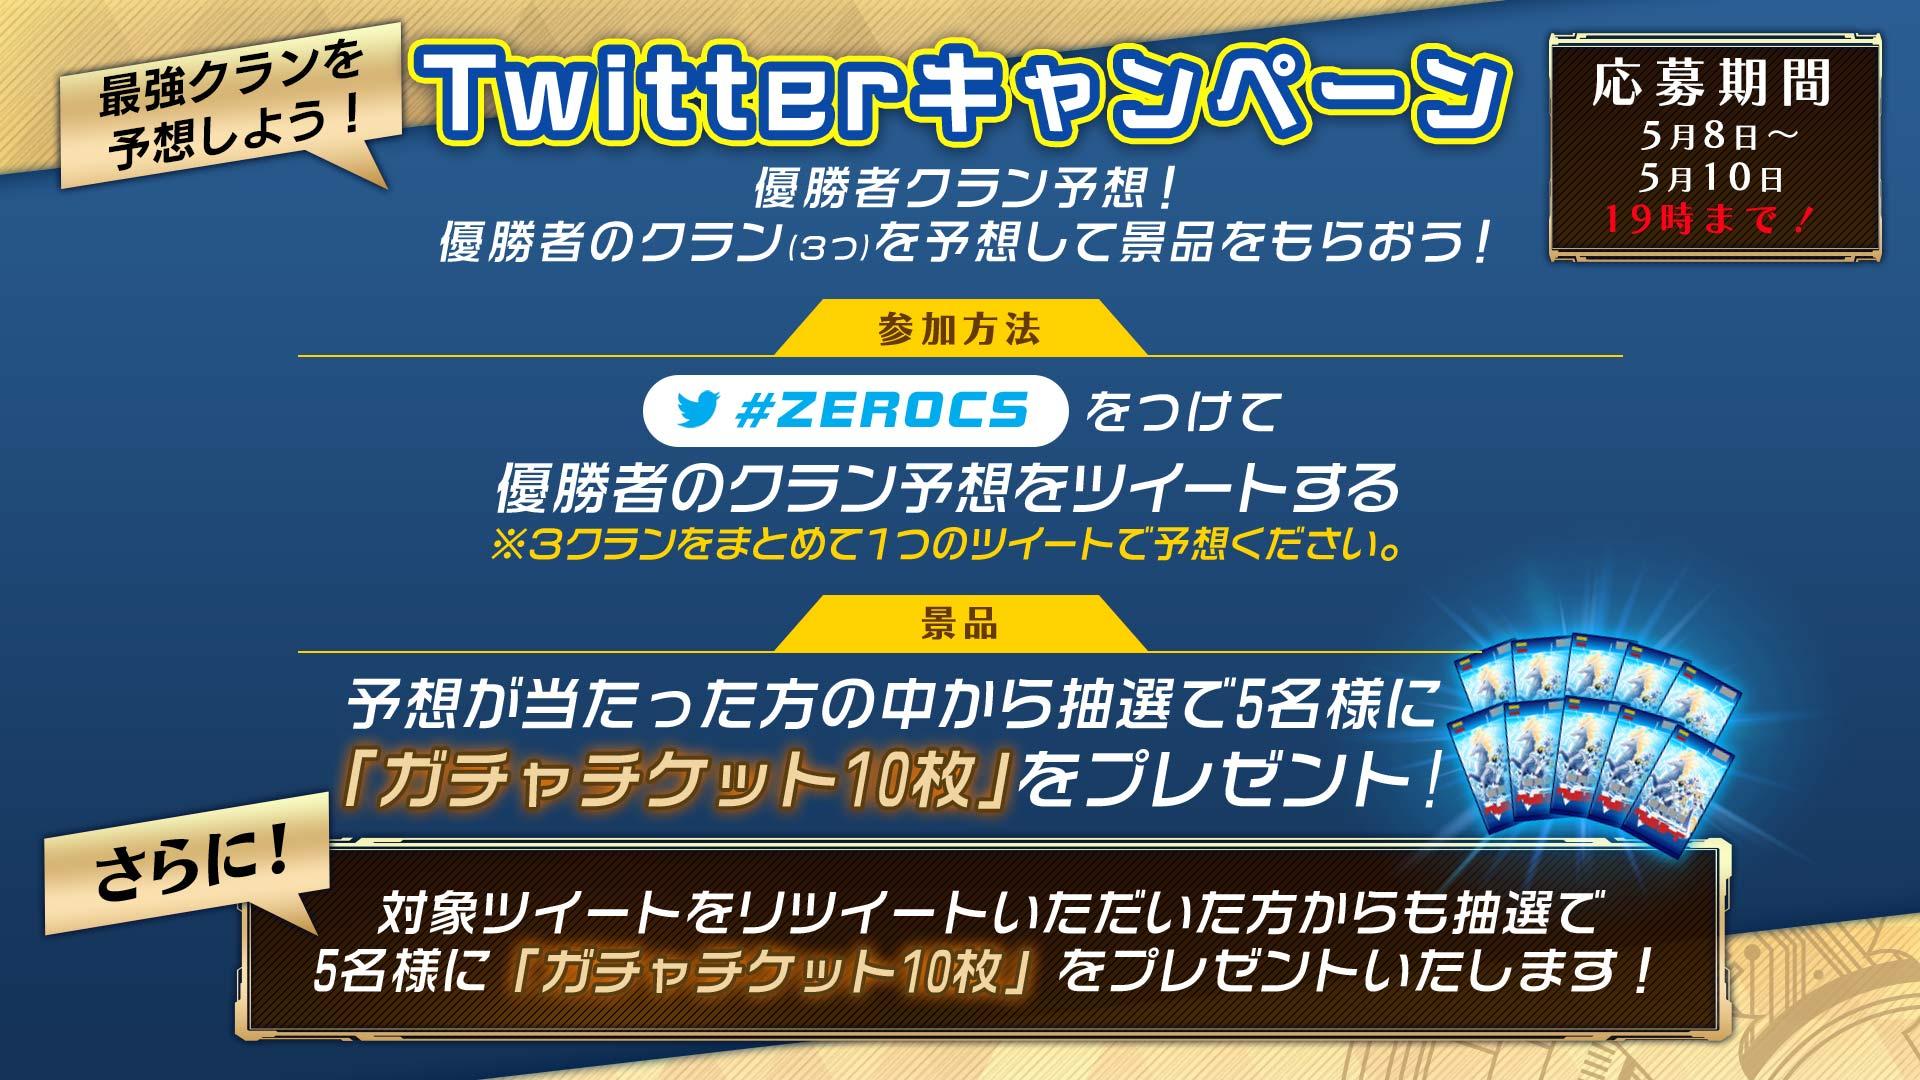 ヴァンガード ZERO Championship 2020 優勝者デッキ大予想!